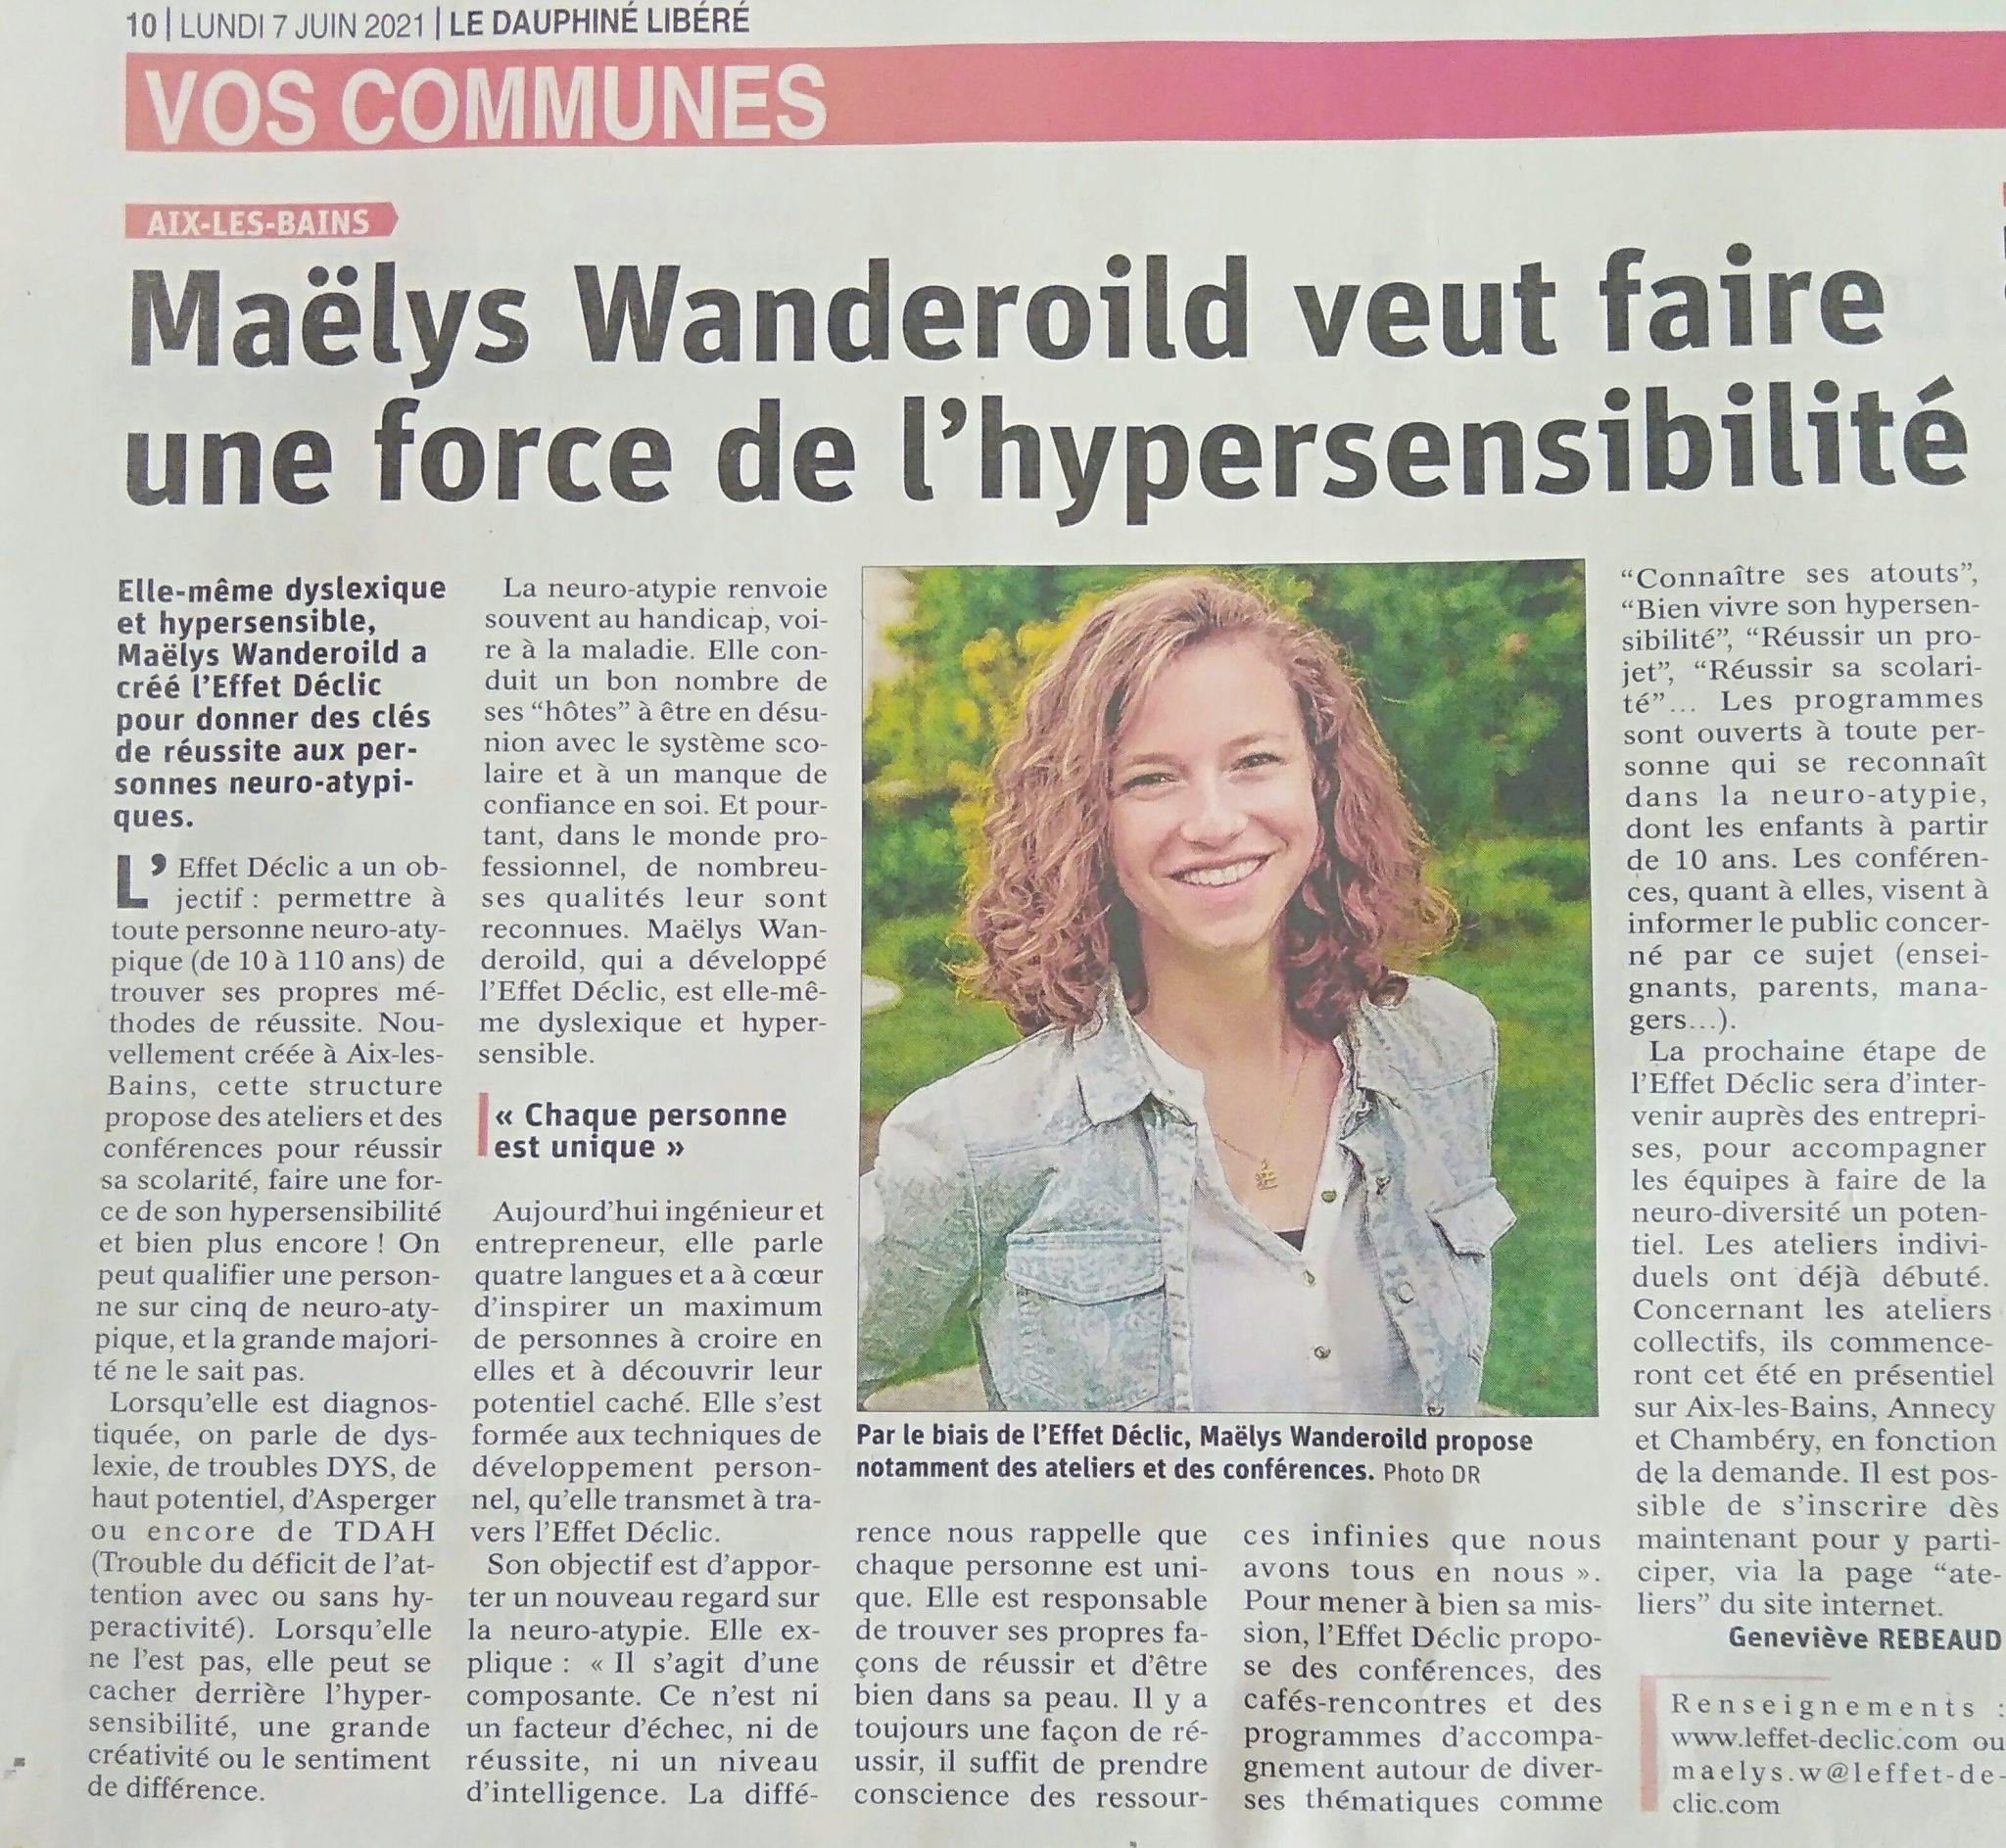 2021.06.07 Le Dauphine Libere LEffet Declic scaled - Rencontre avec Maëlys Wanderoild de l'Effet Déclic